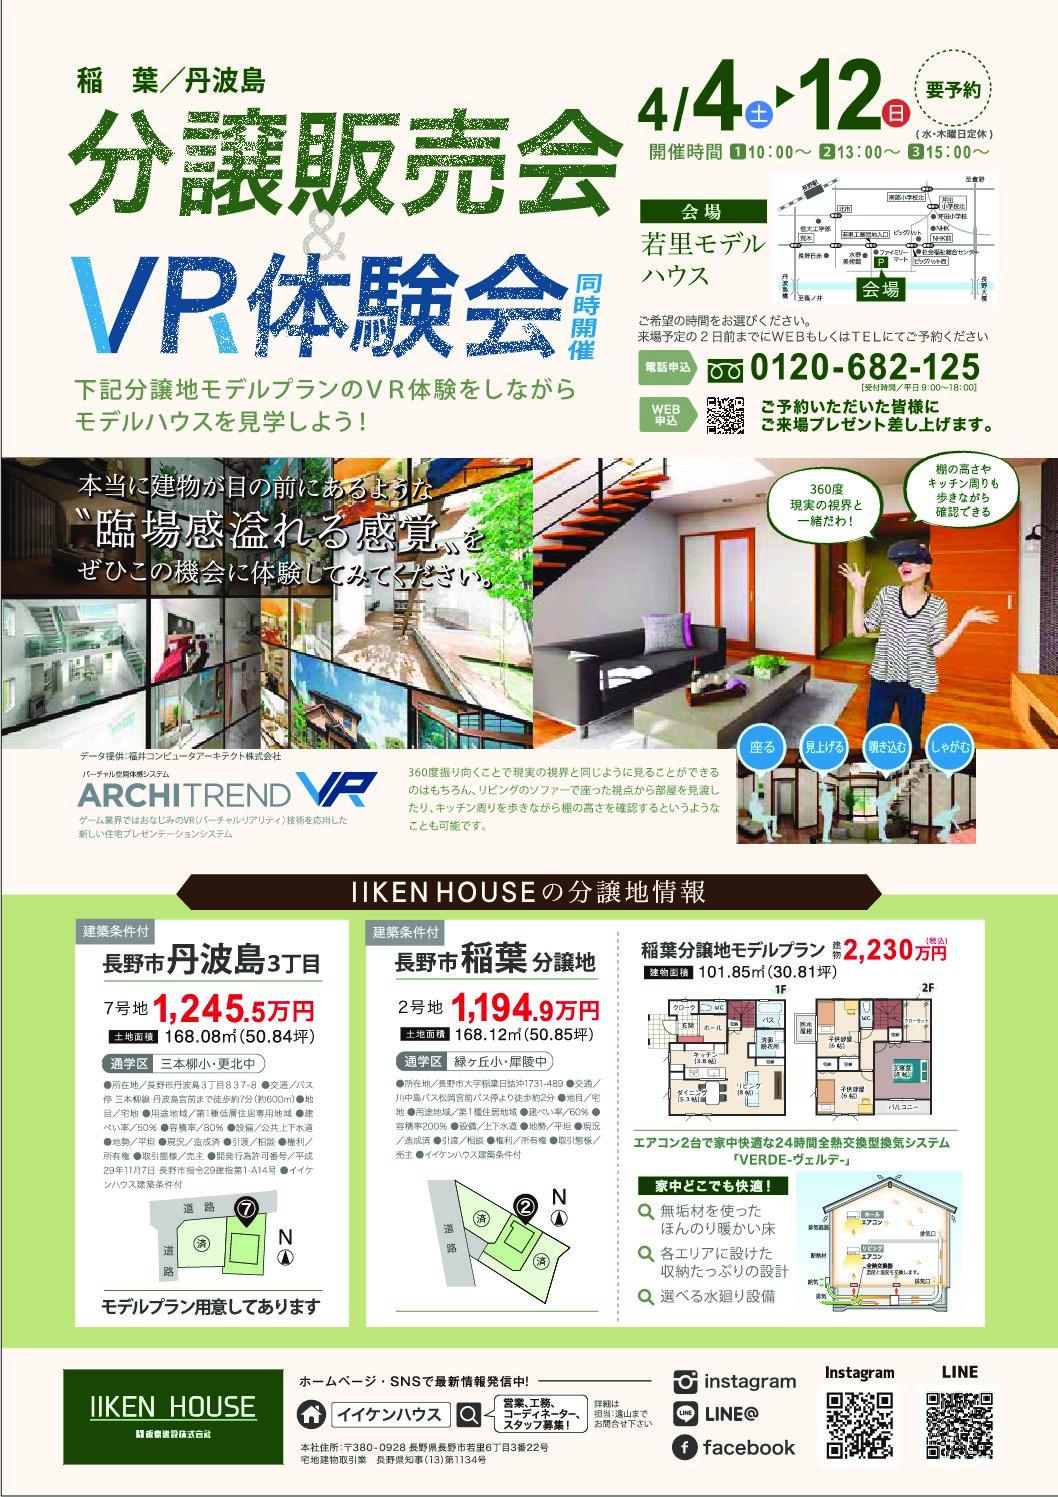 VR体験会を開催します!